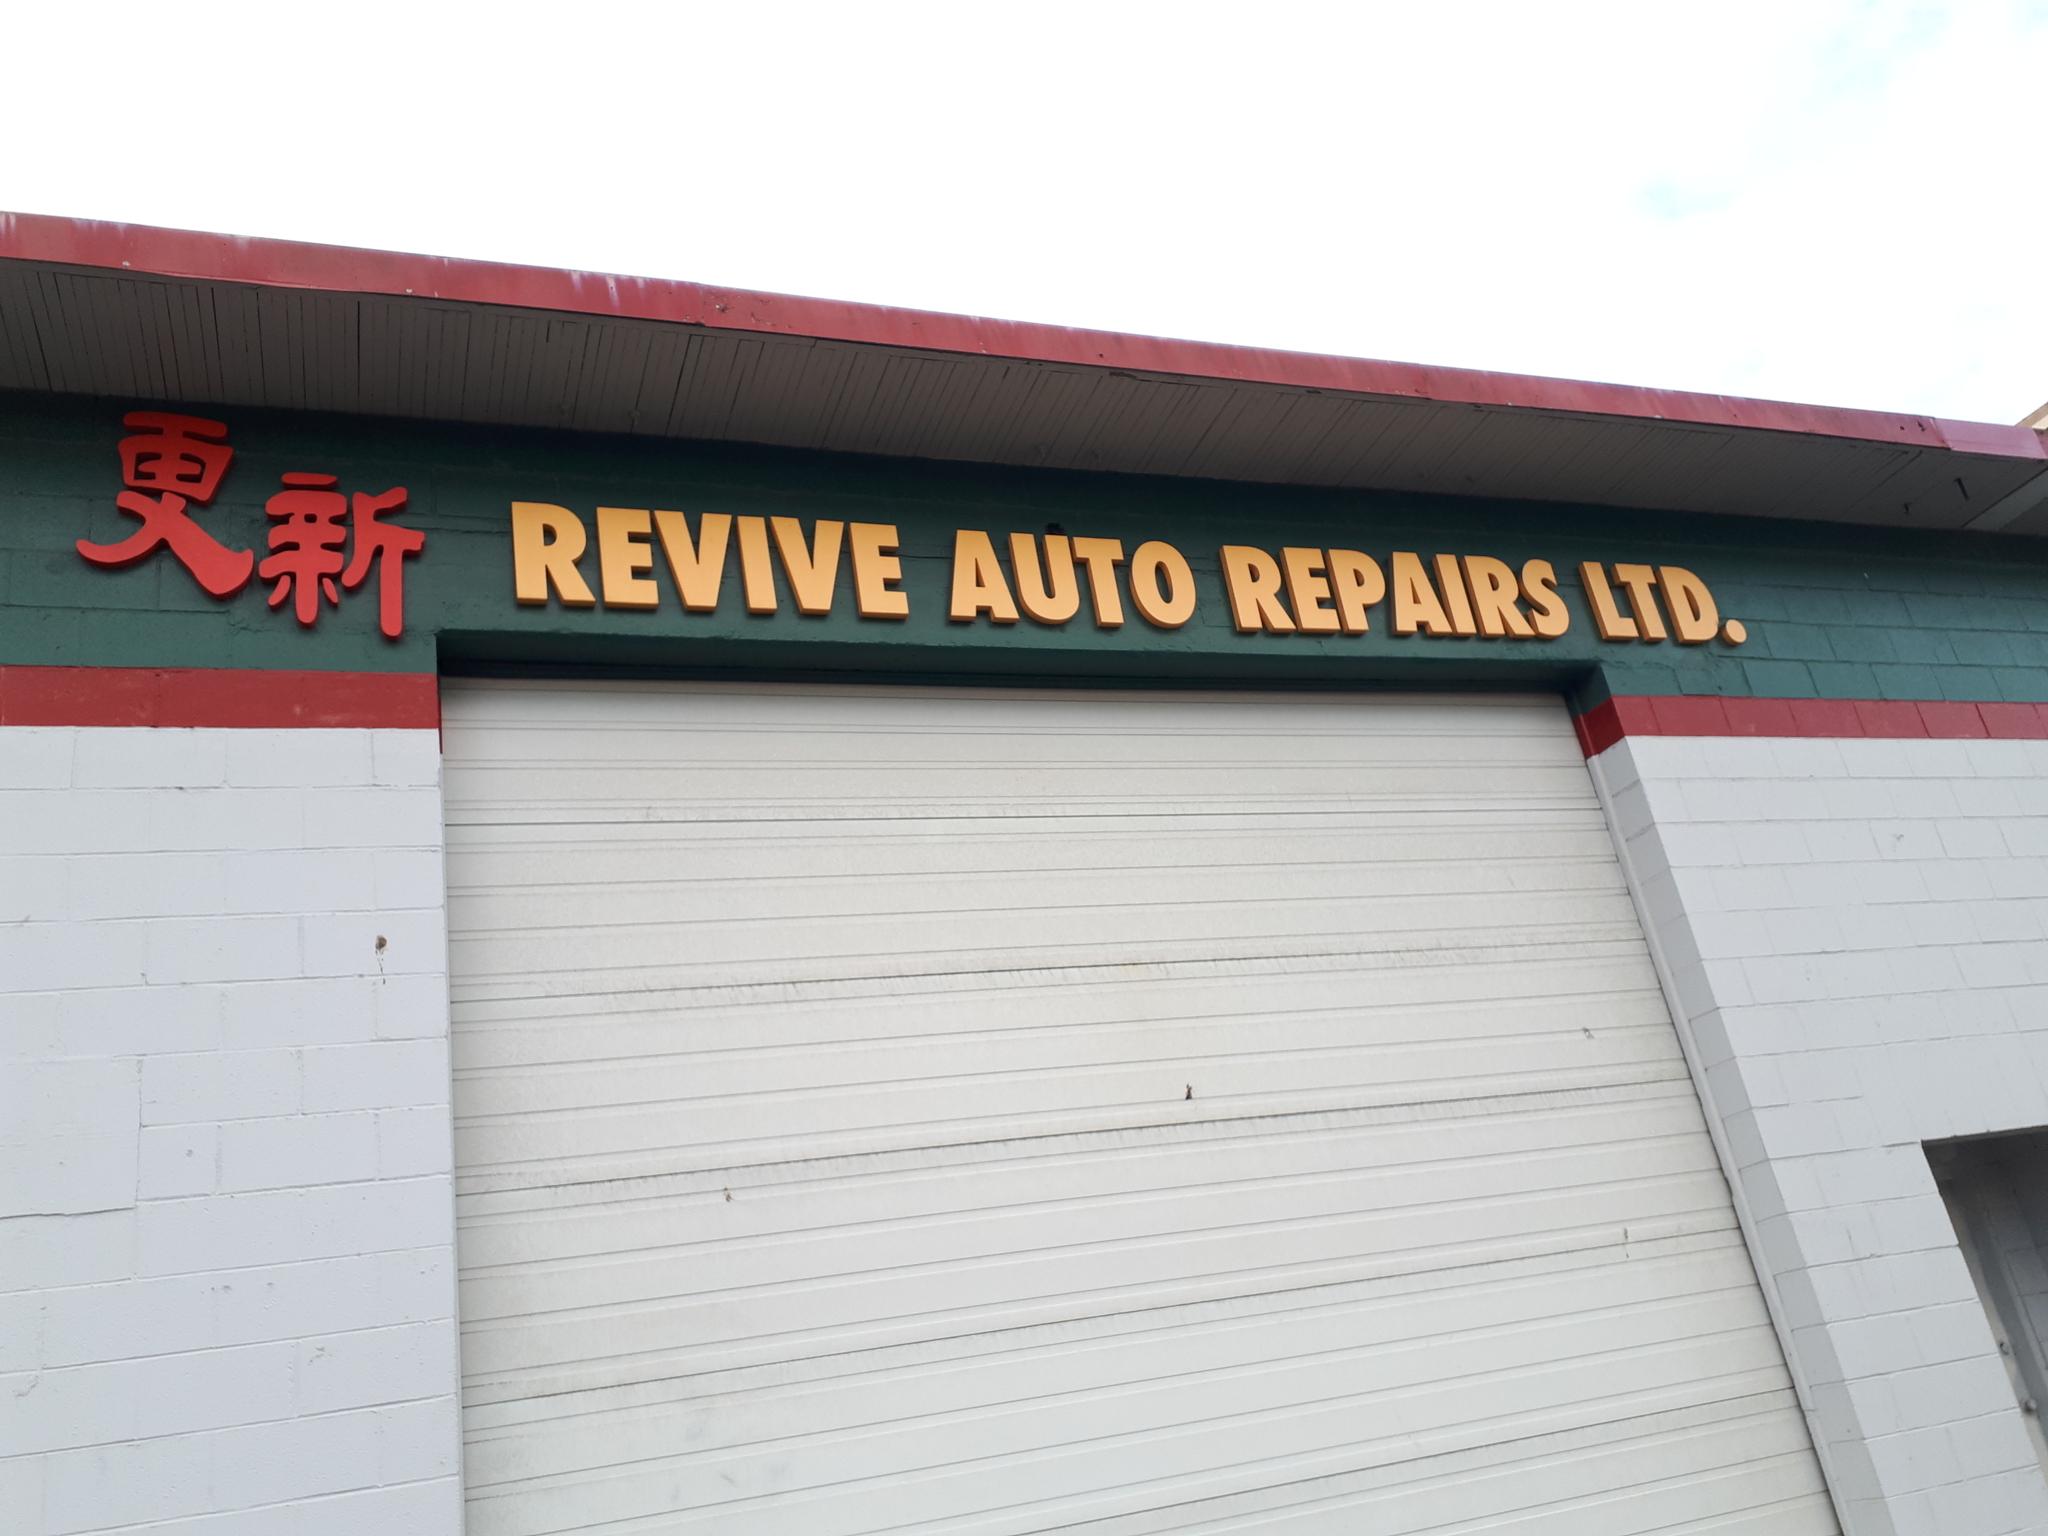 Revive Auto Repairs Ltd